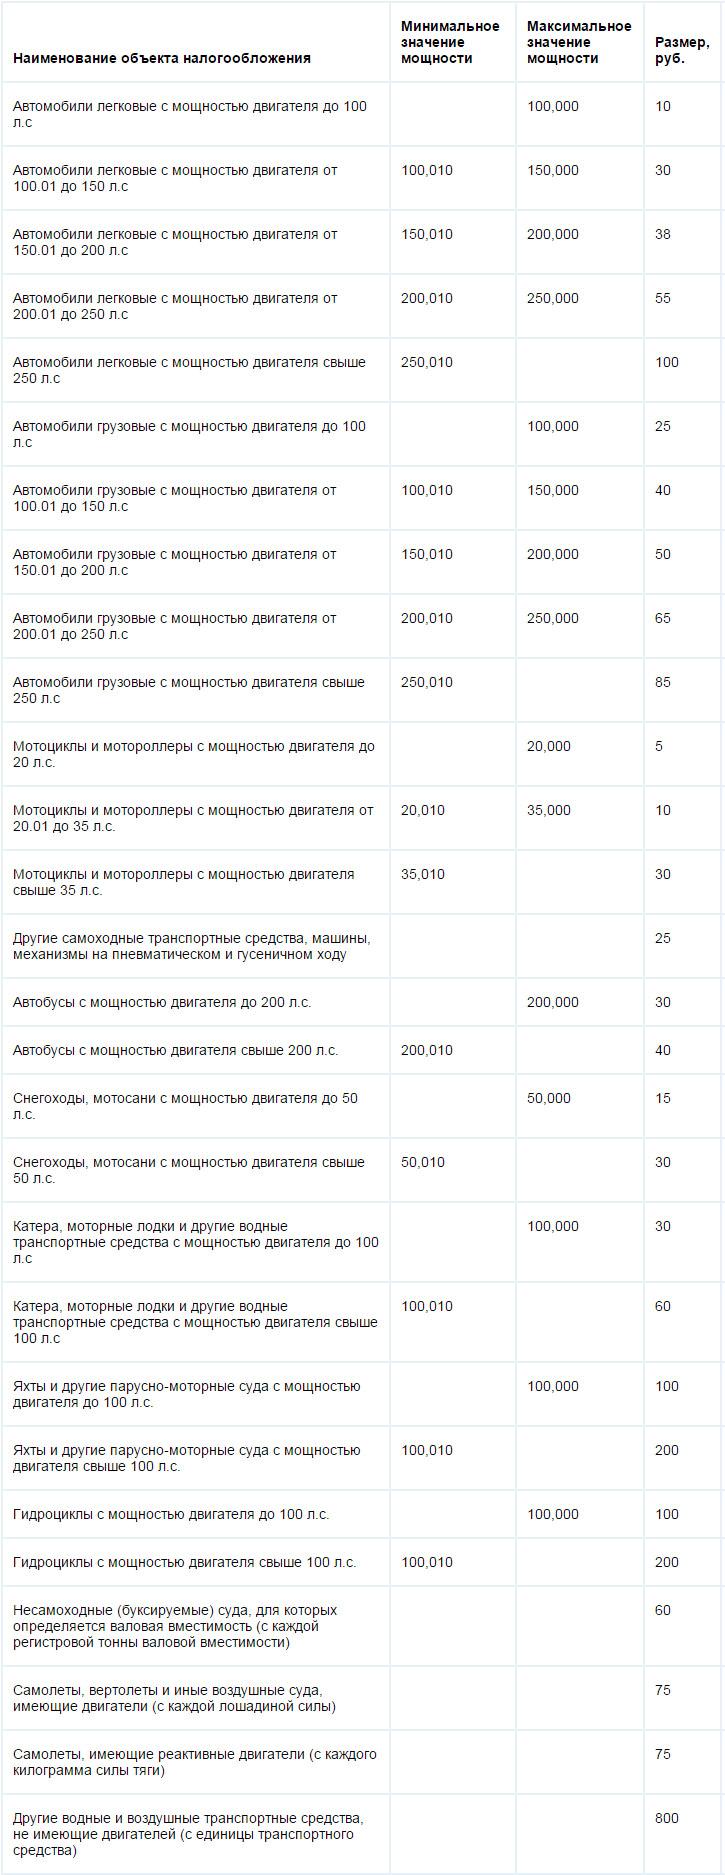 Ставки транспортного налога на 2014 год в тульской области значение в ставках на спорт